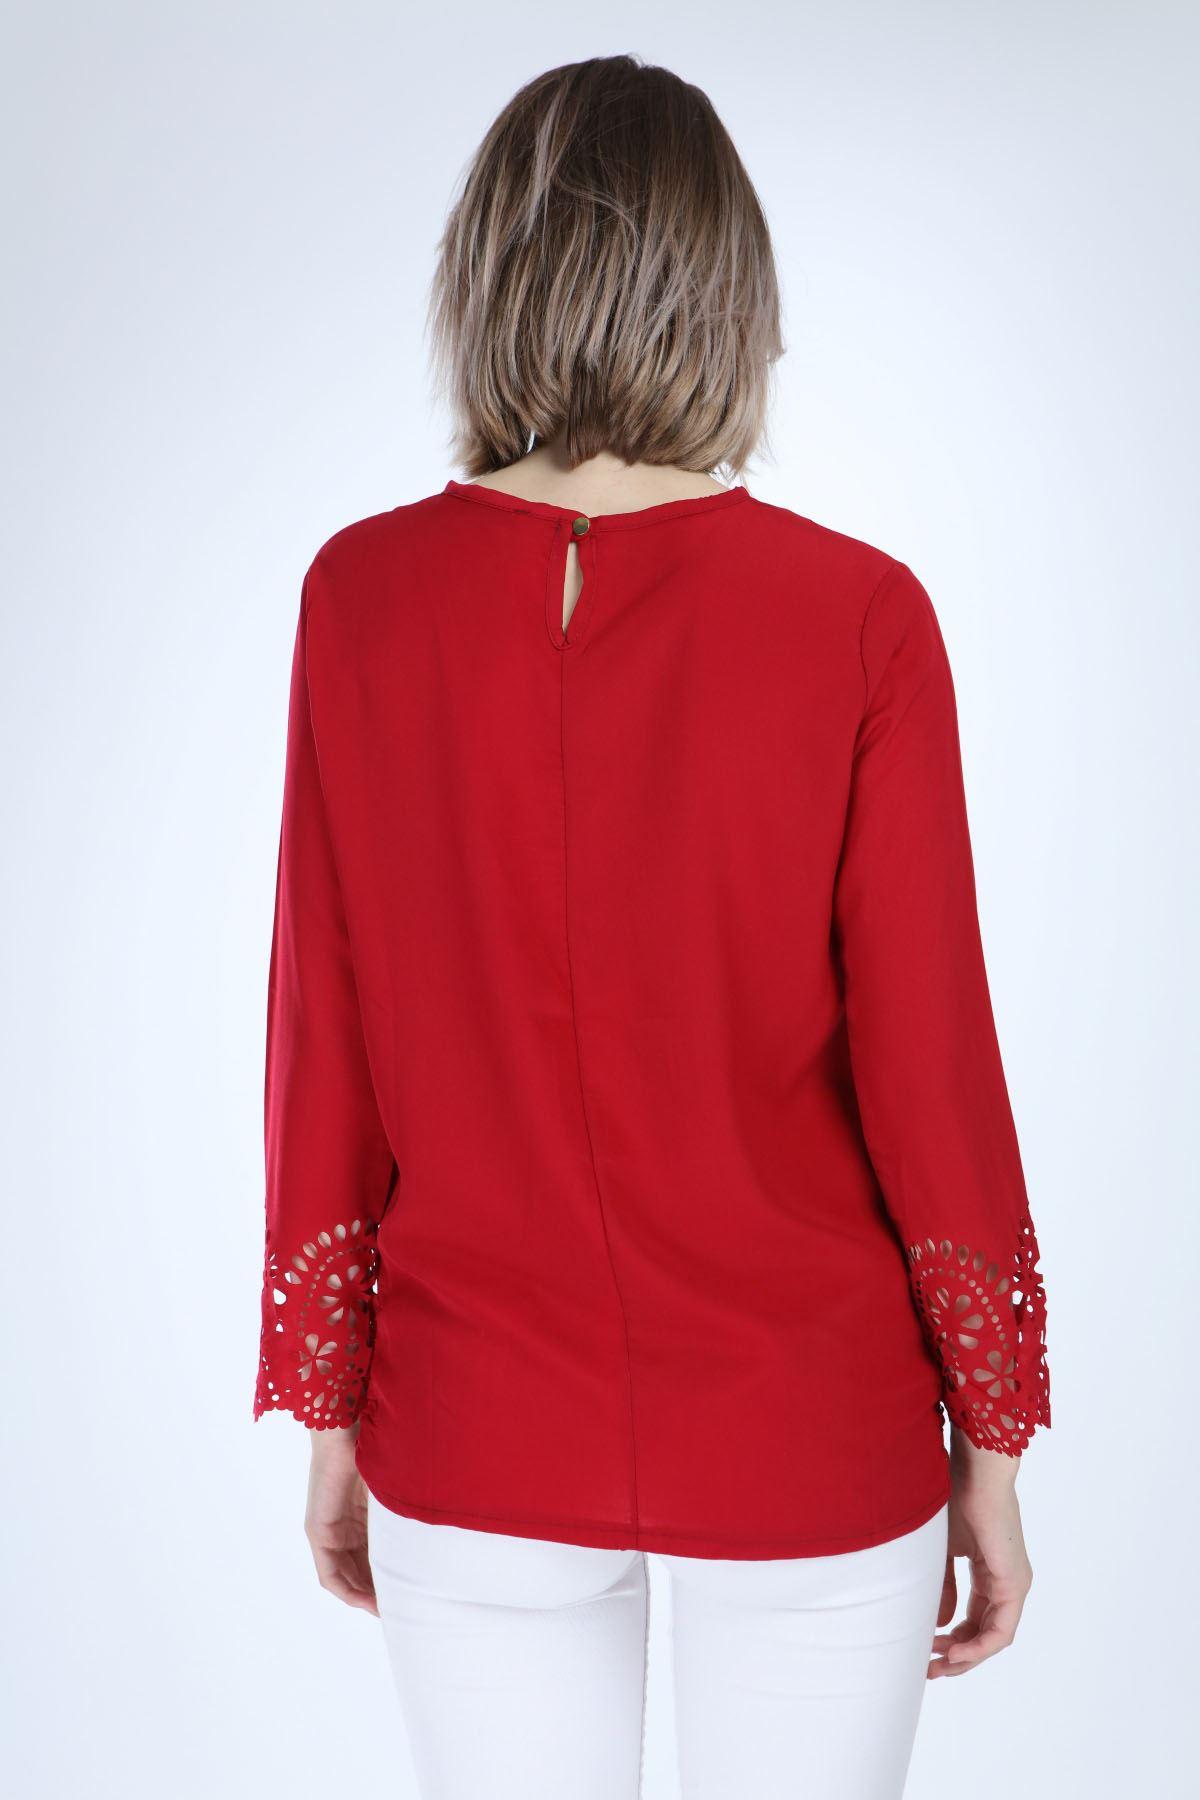 Kırmızı Oymalı Bluz 14C-1025